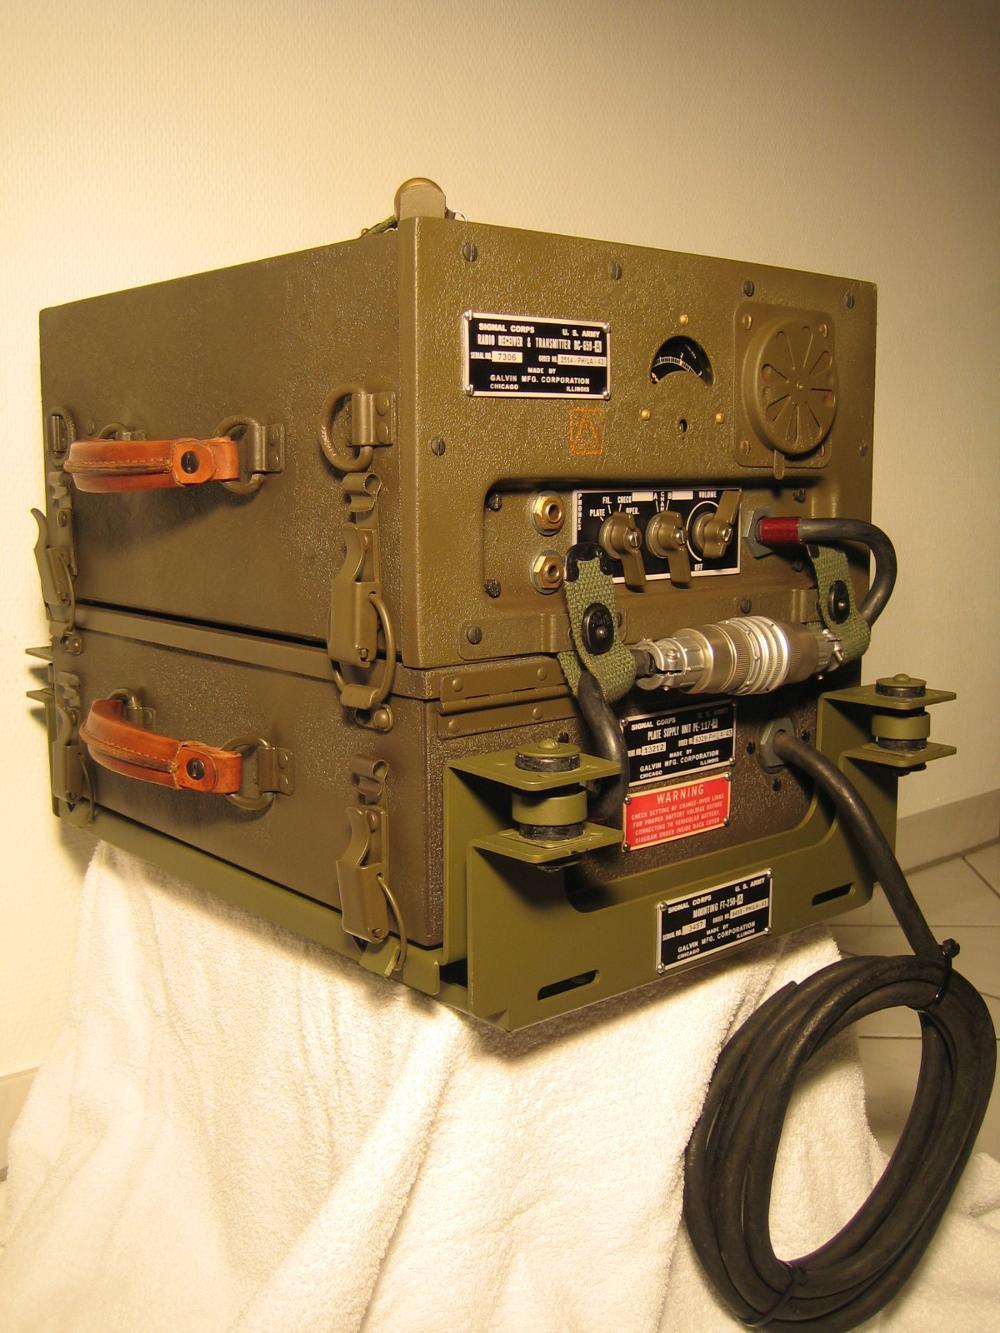 Willys Overland Jeep Mb G503 Restoration Zubehr Electrical Wiring Funkgerte Bc 659 Radio